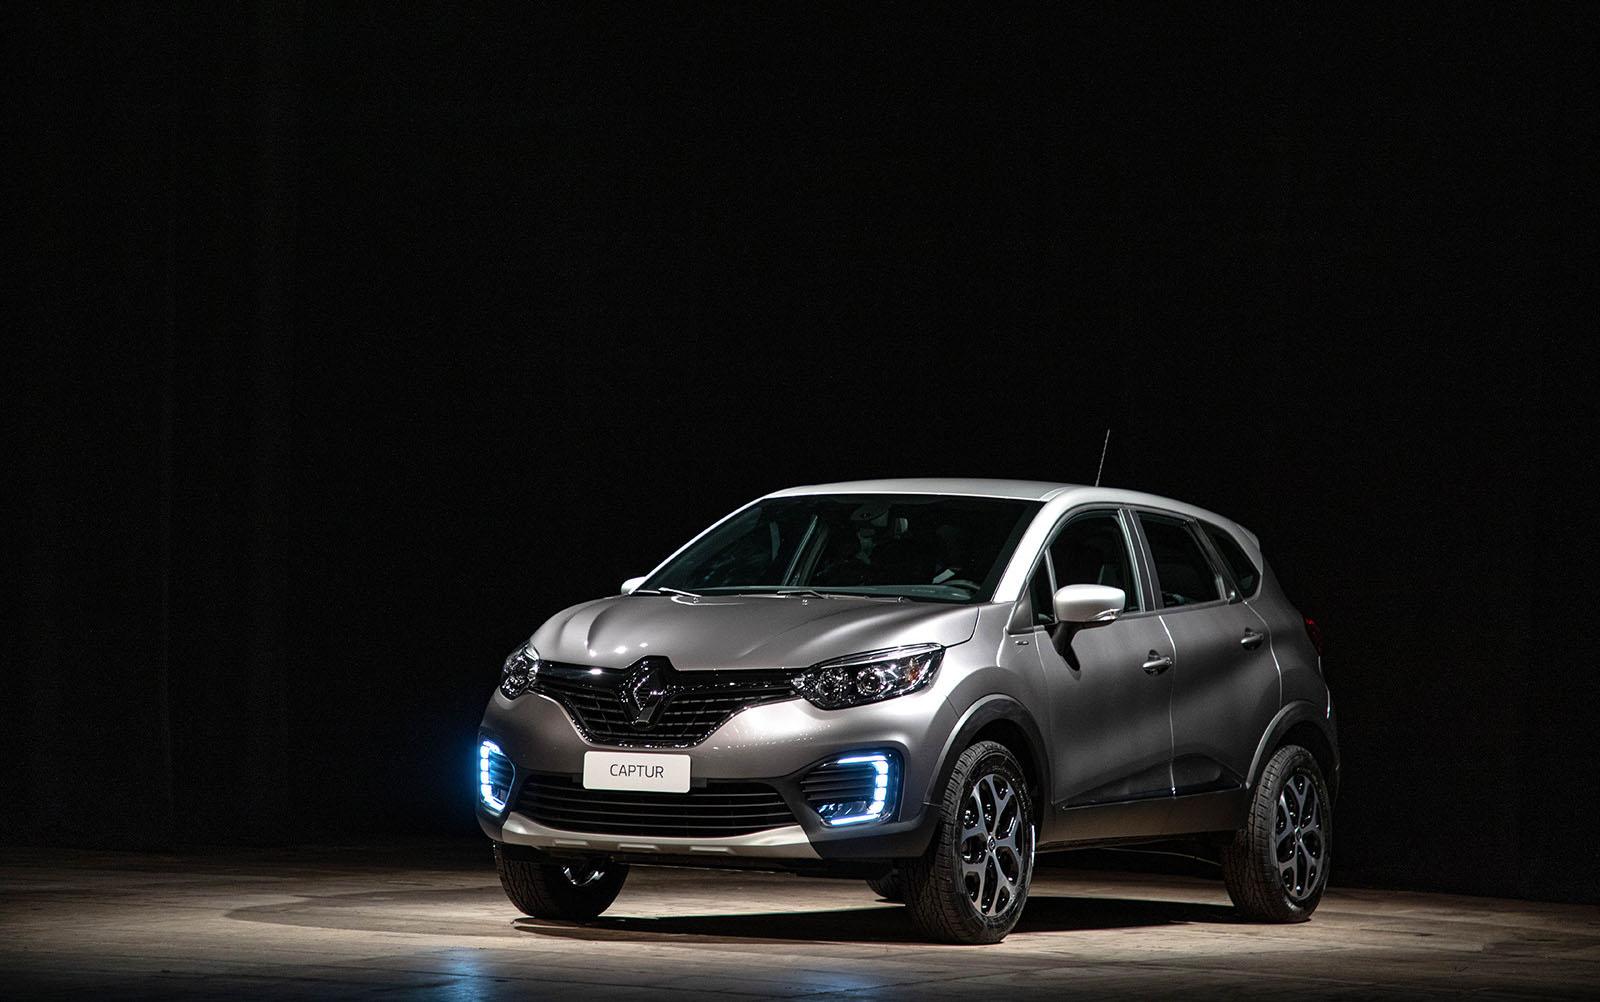 La Renault Captur Bose 2020 ya está disponible en México